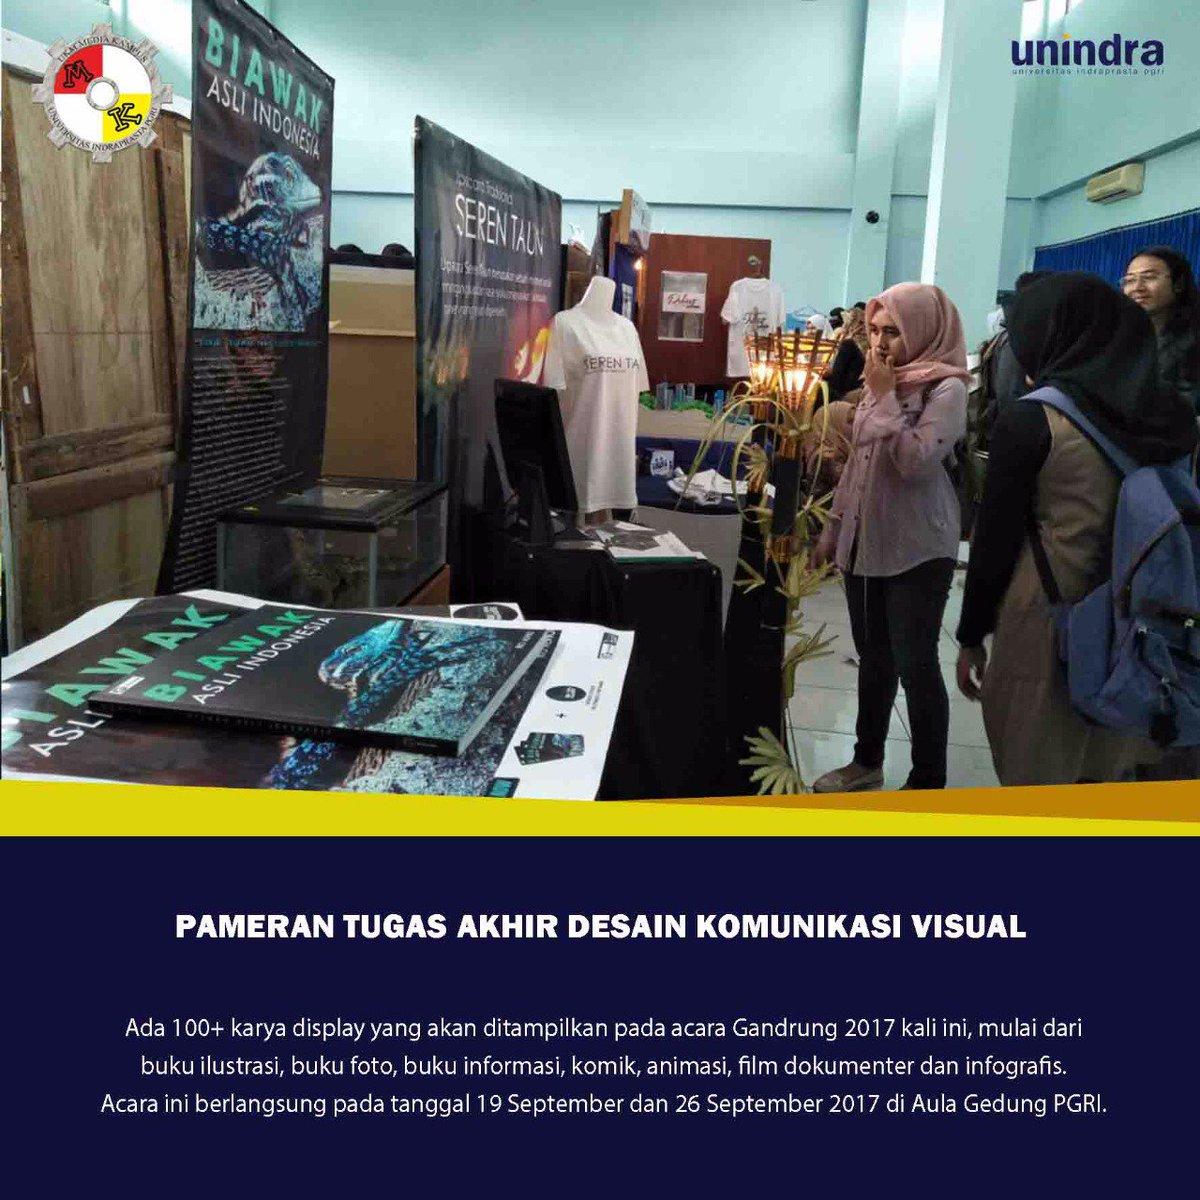 740 Foto Fakultas Desain Komunikasi Visual Unindra HD Unduh Gratis